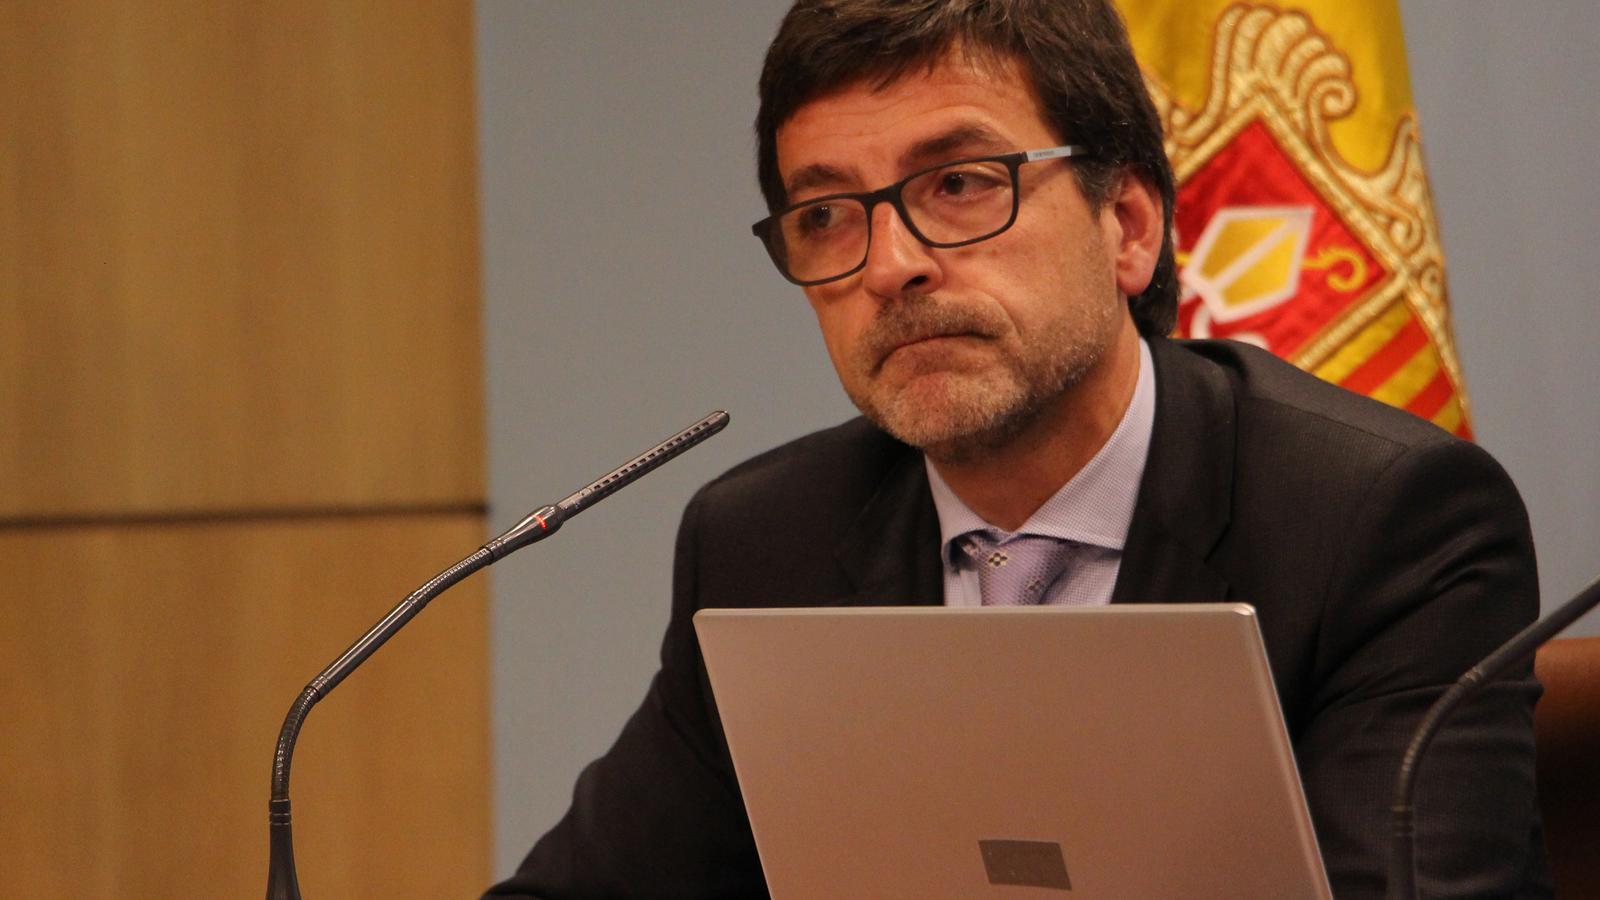 El ministre portaveu, Jordi Cinca, durant la roda de premsa posterior al consell de ministres. / M. R. F. (ANA)